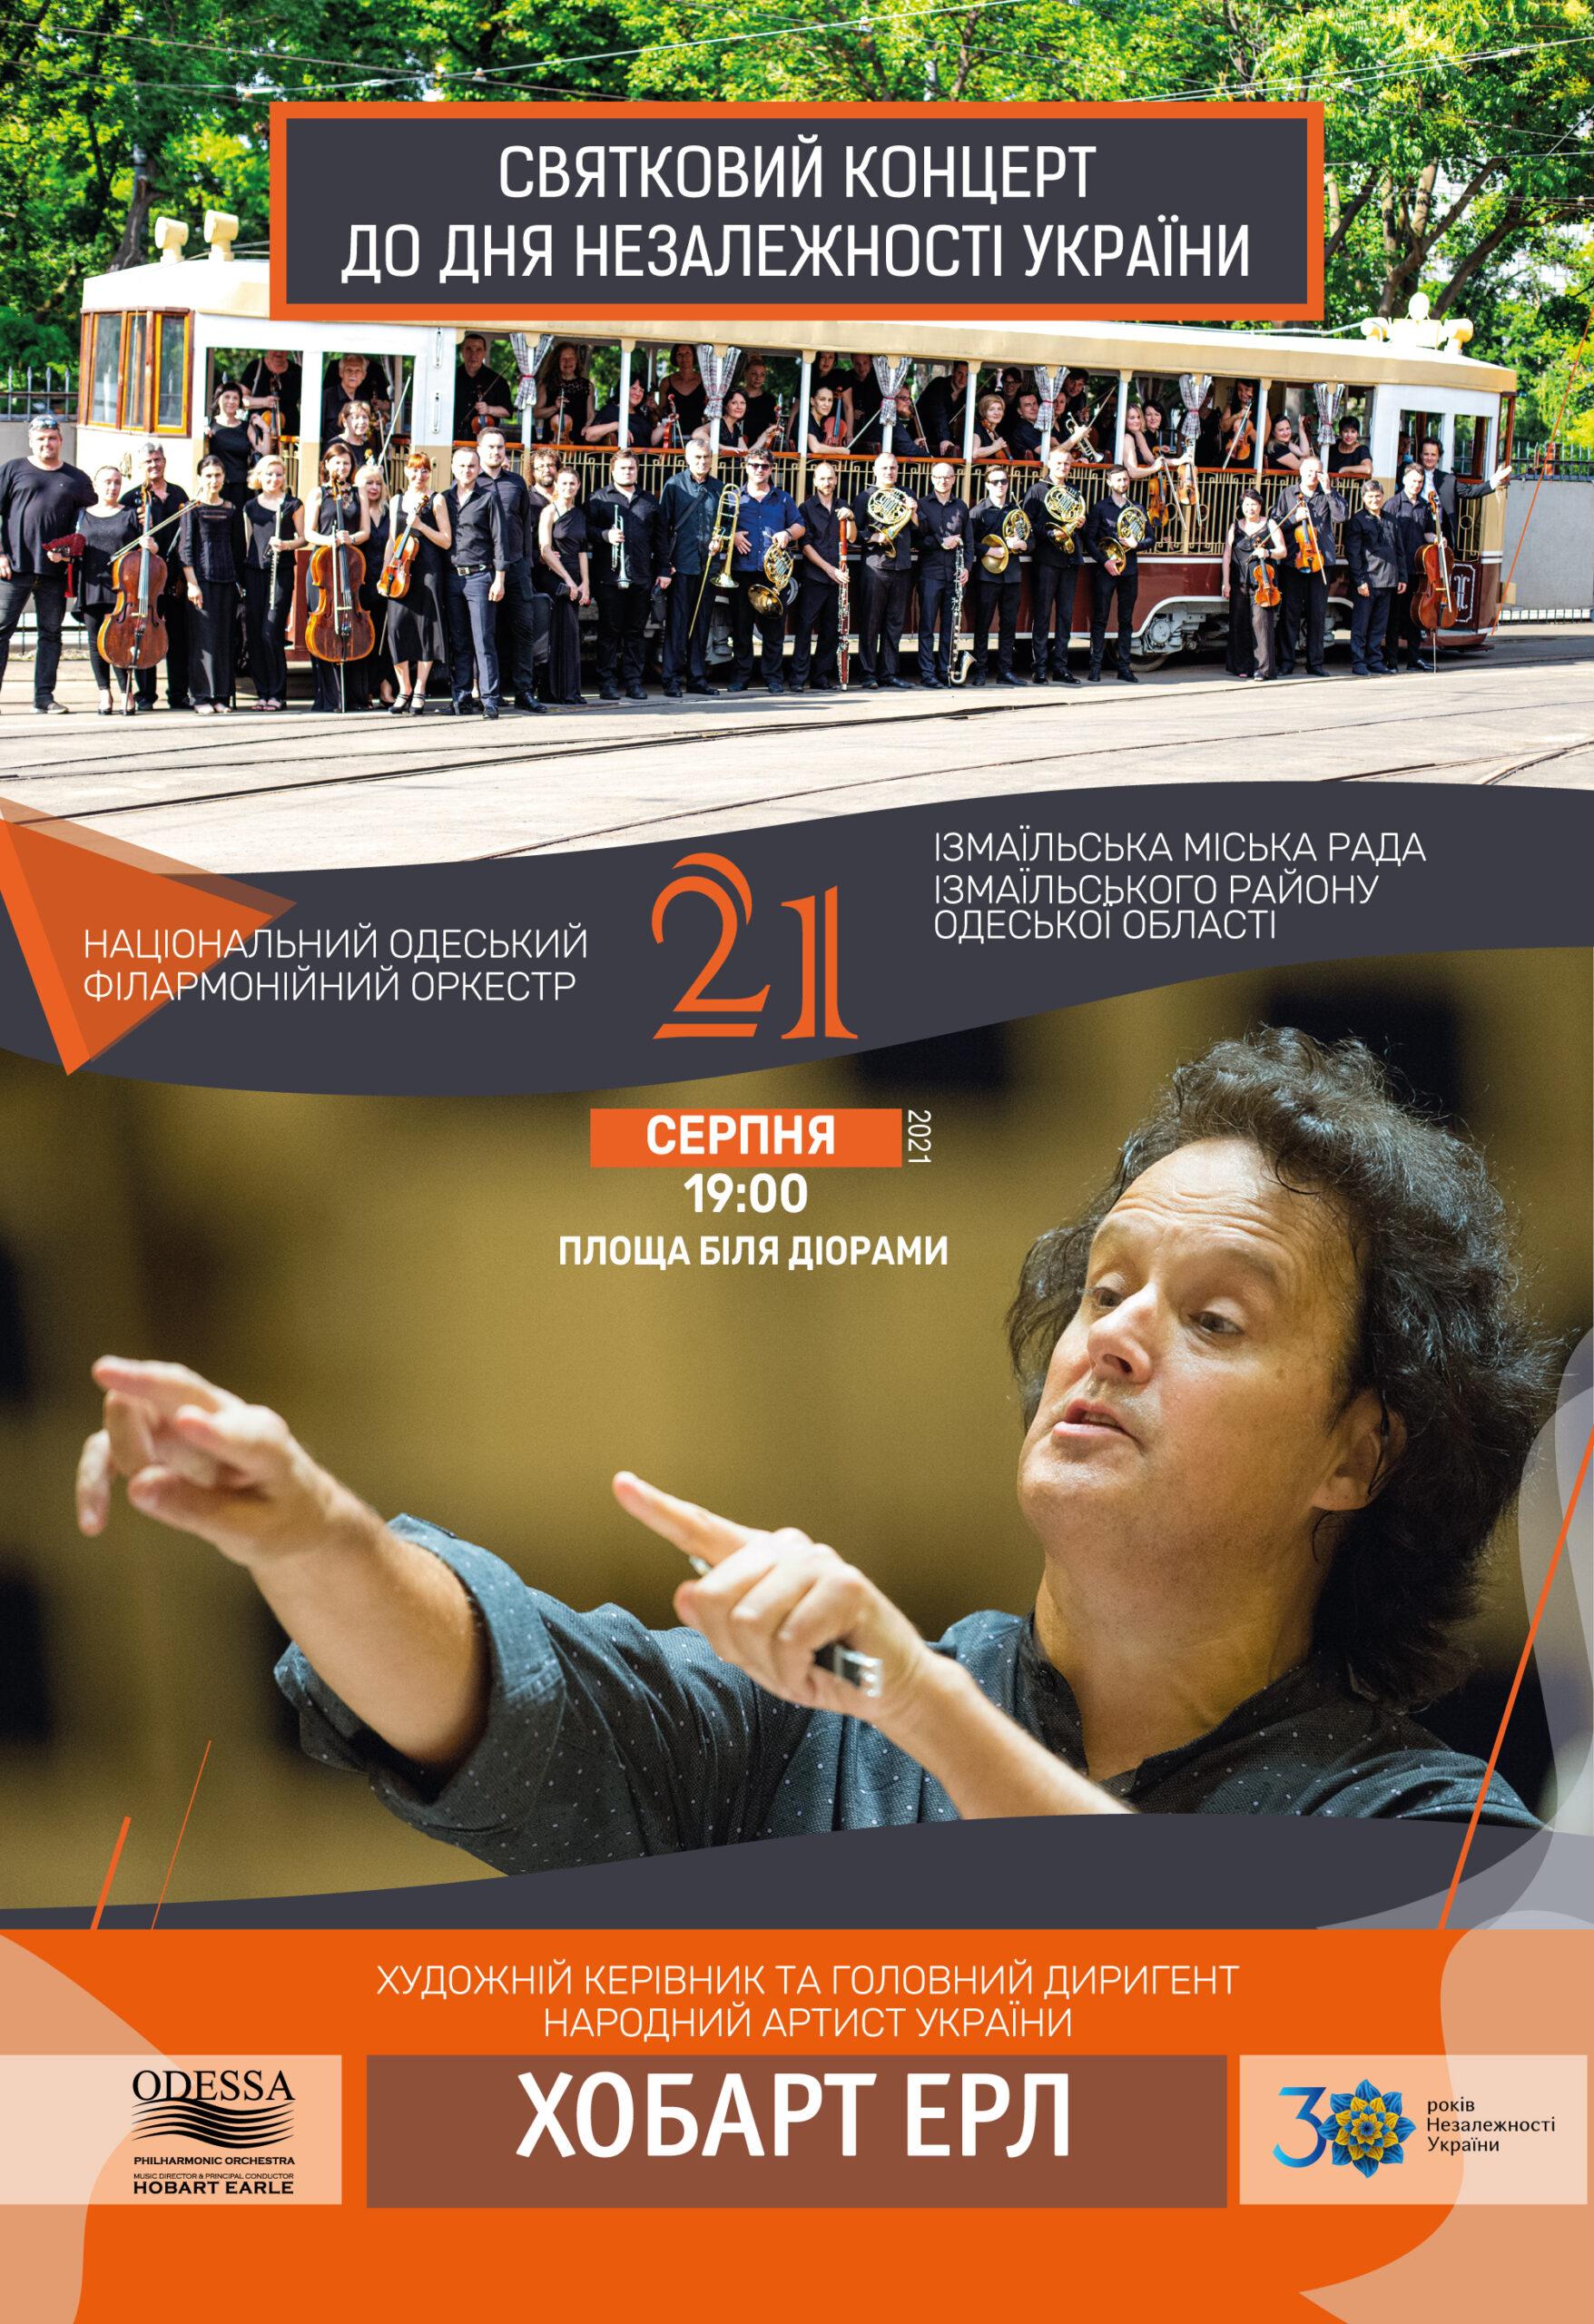 Ко Дню Независимости в Измаиле пройдет концерт под открытым небом